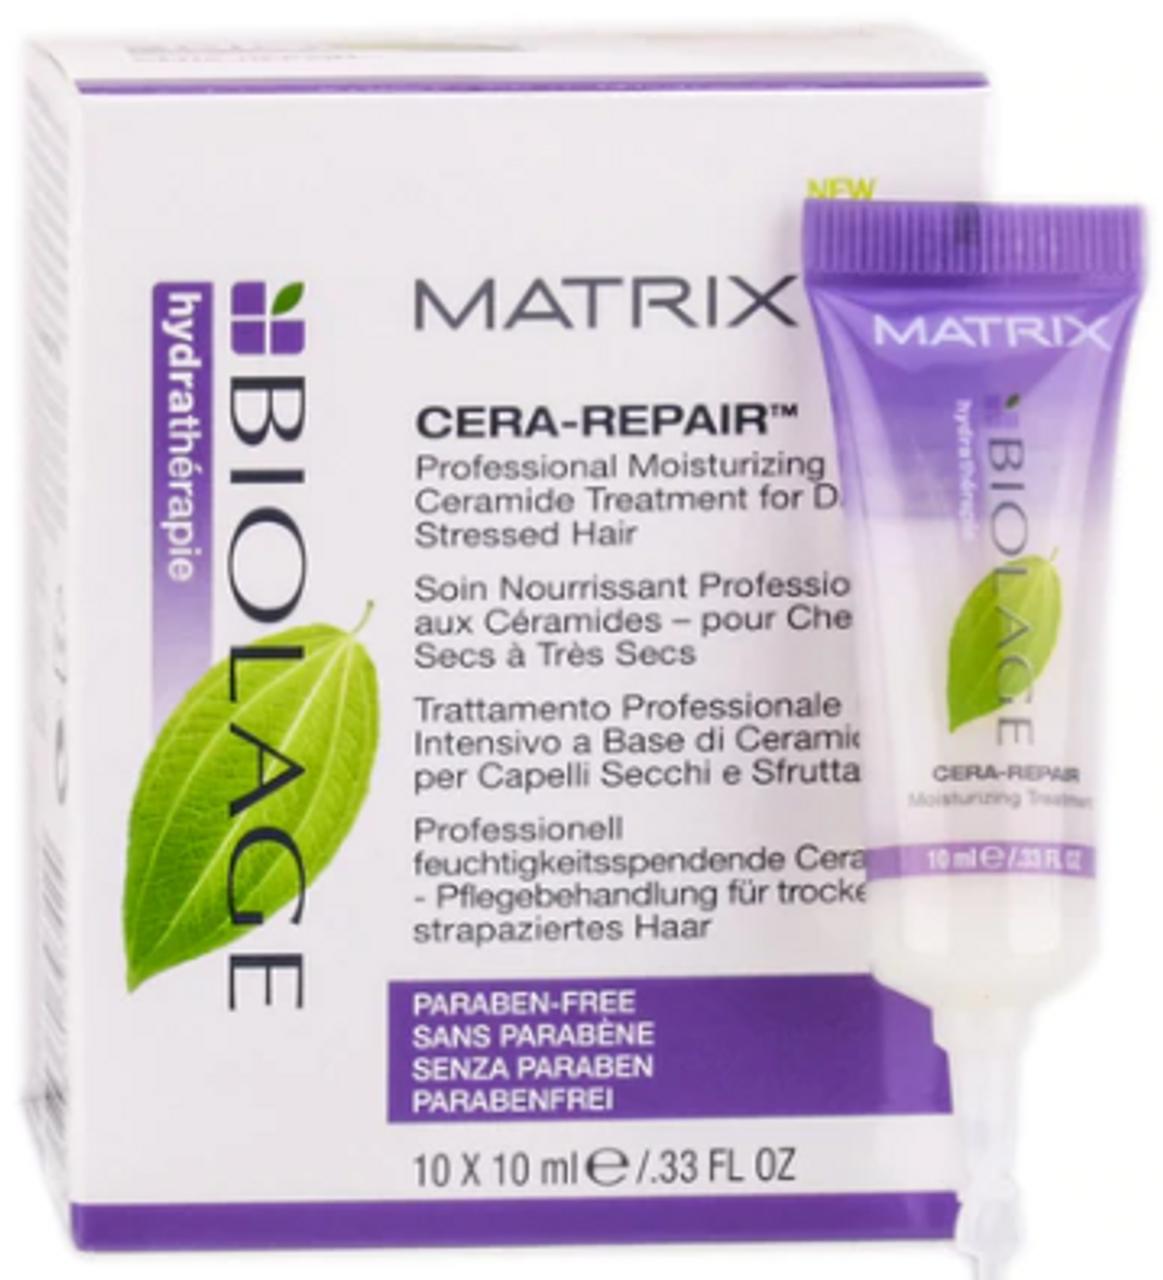 Hydratherapie Cera-Repair Pro -- Single Tube